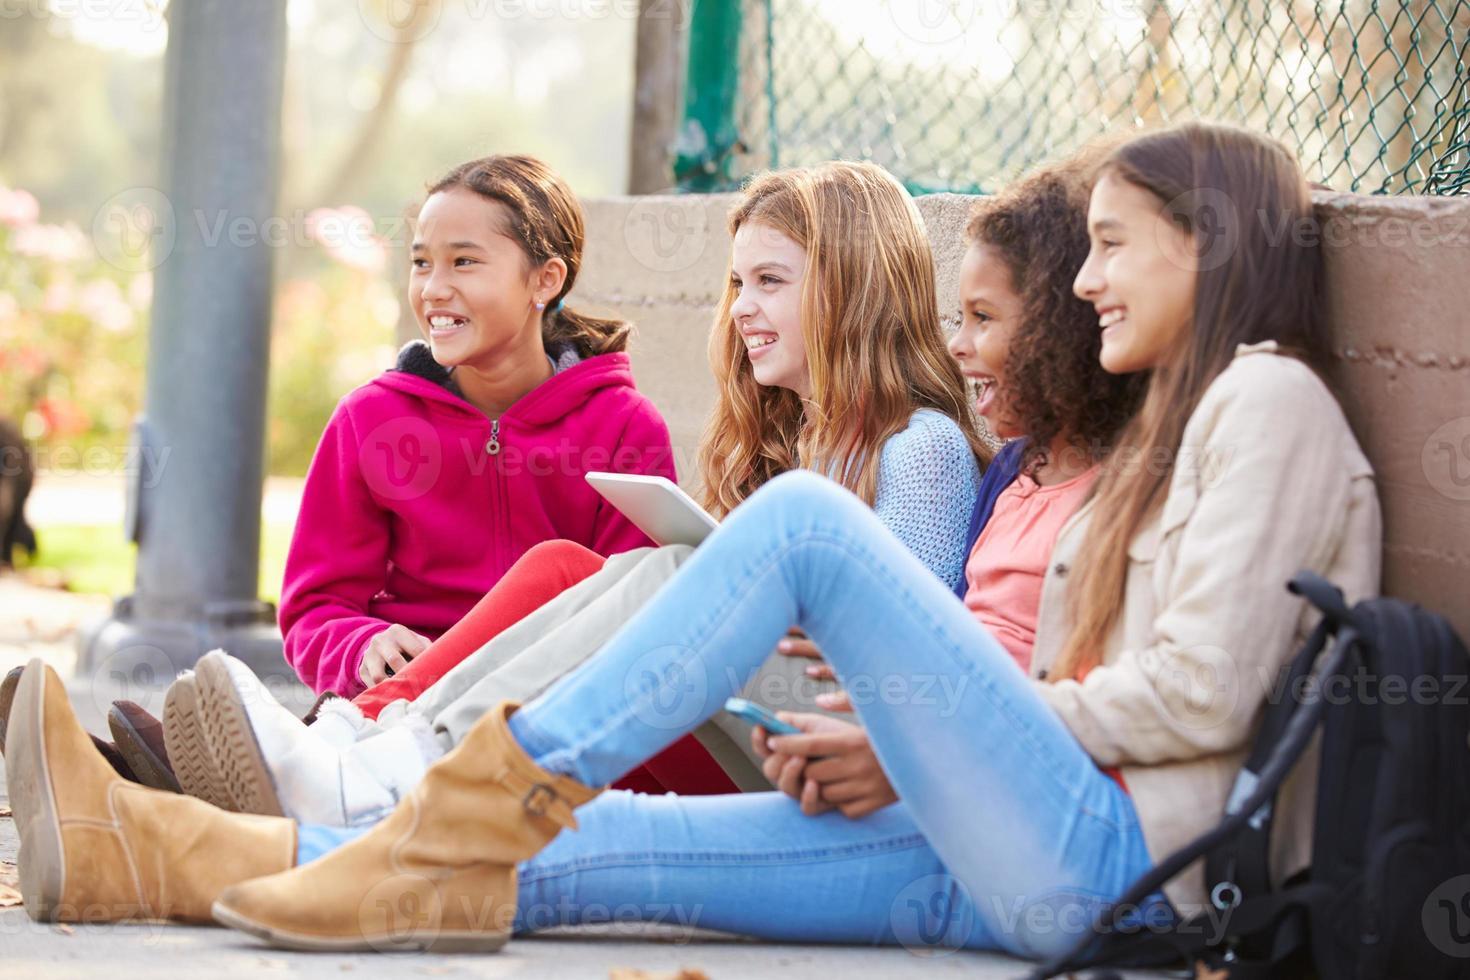 meninas usando tablets digitais e telefones celulares no parque foto